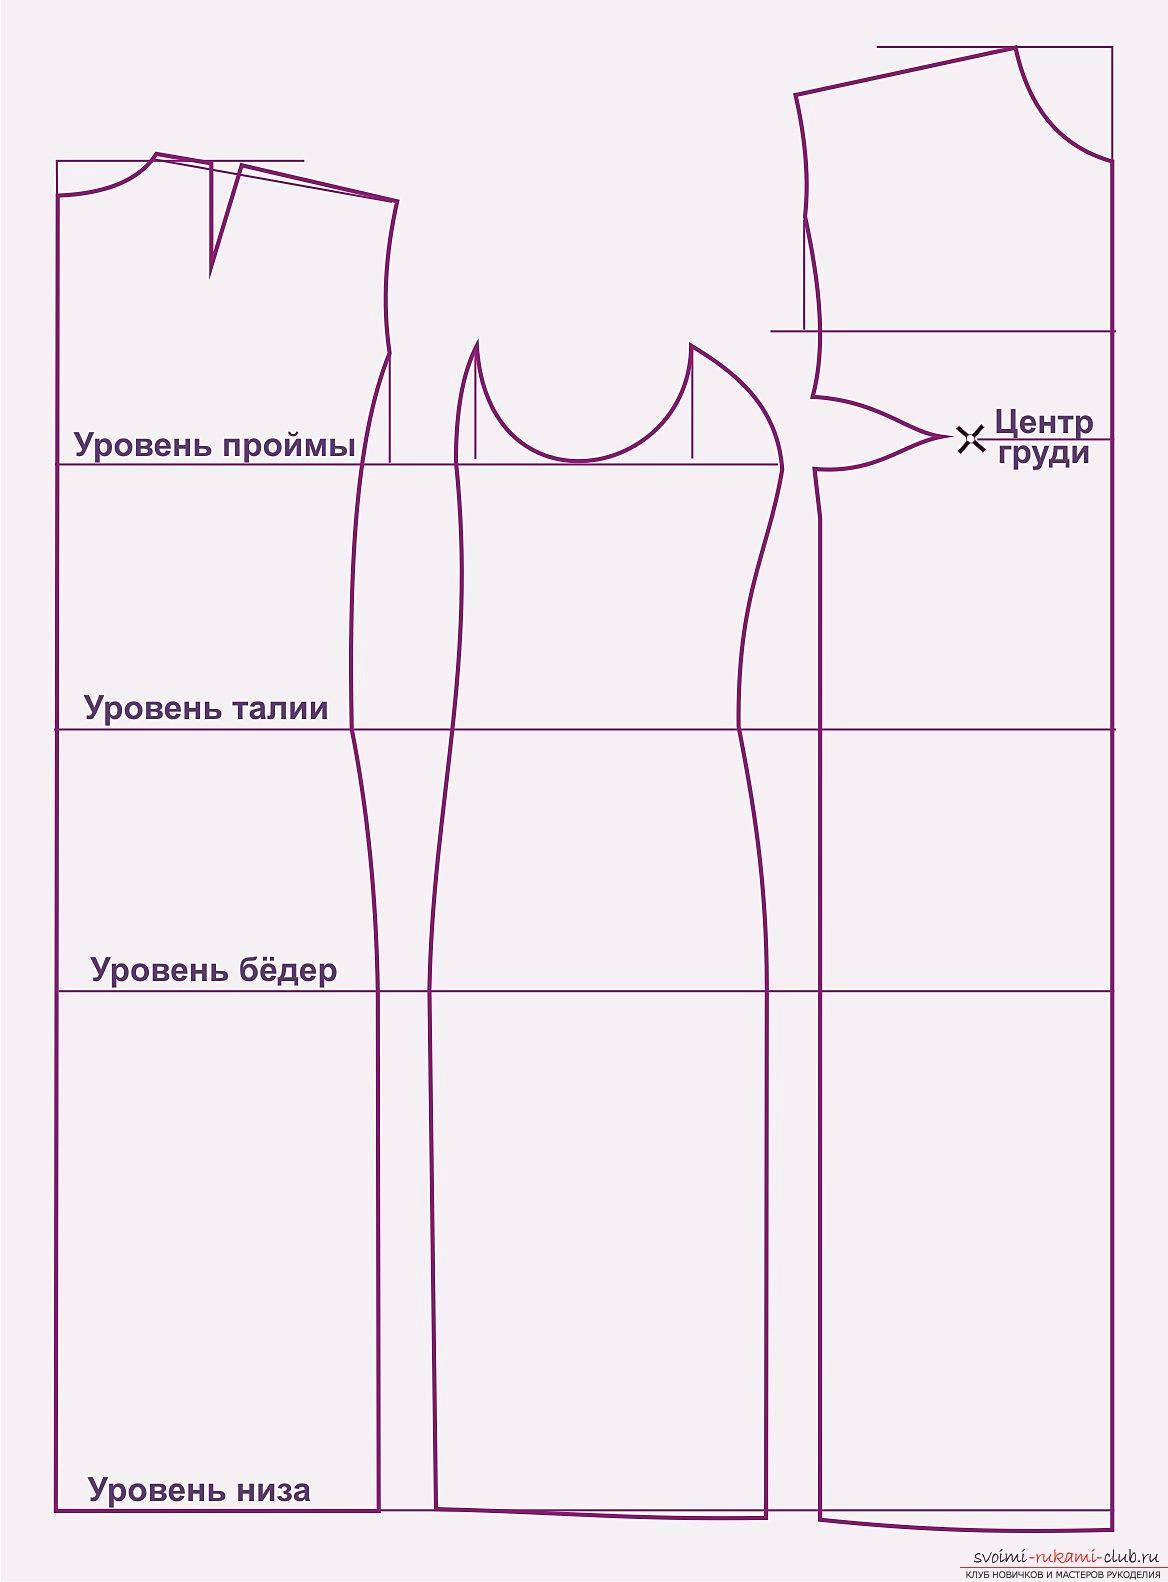 выкройки летних платьев Бурда, примеры из журнала, бесплатно. Фото №6